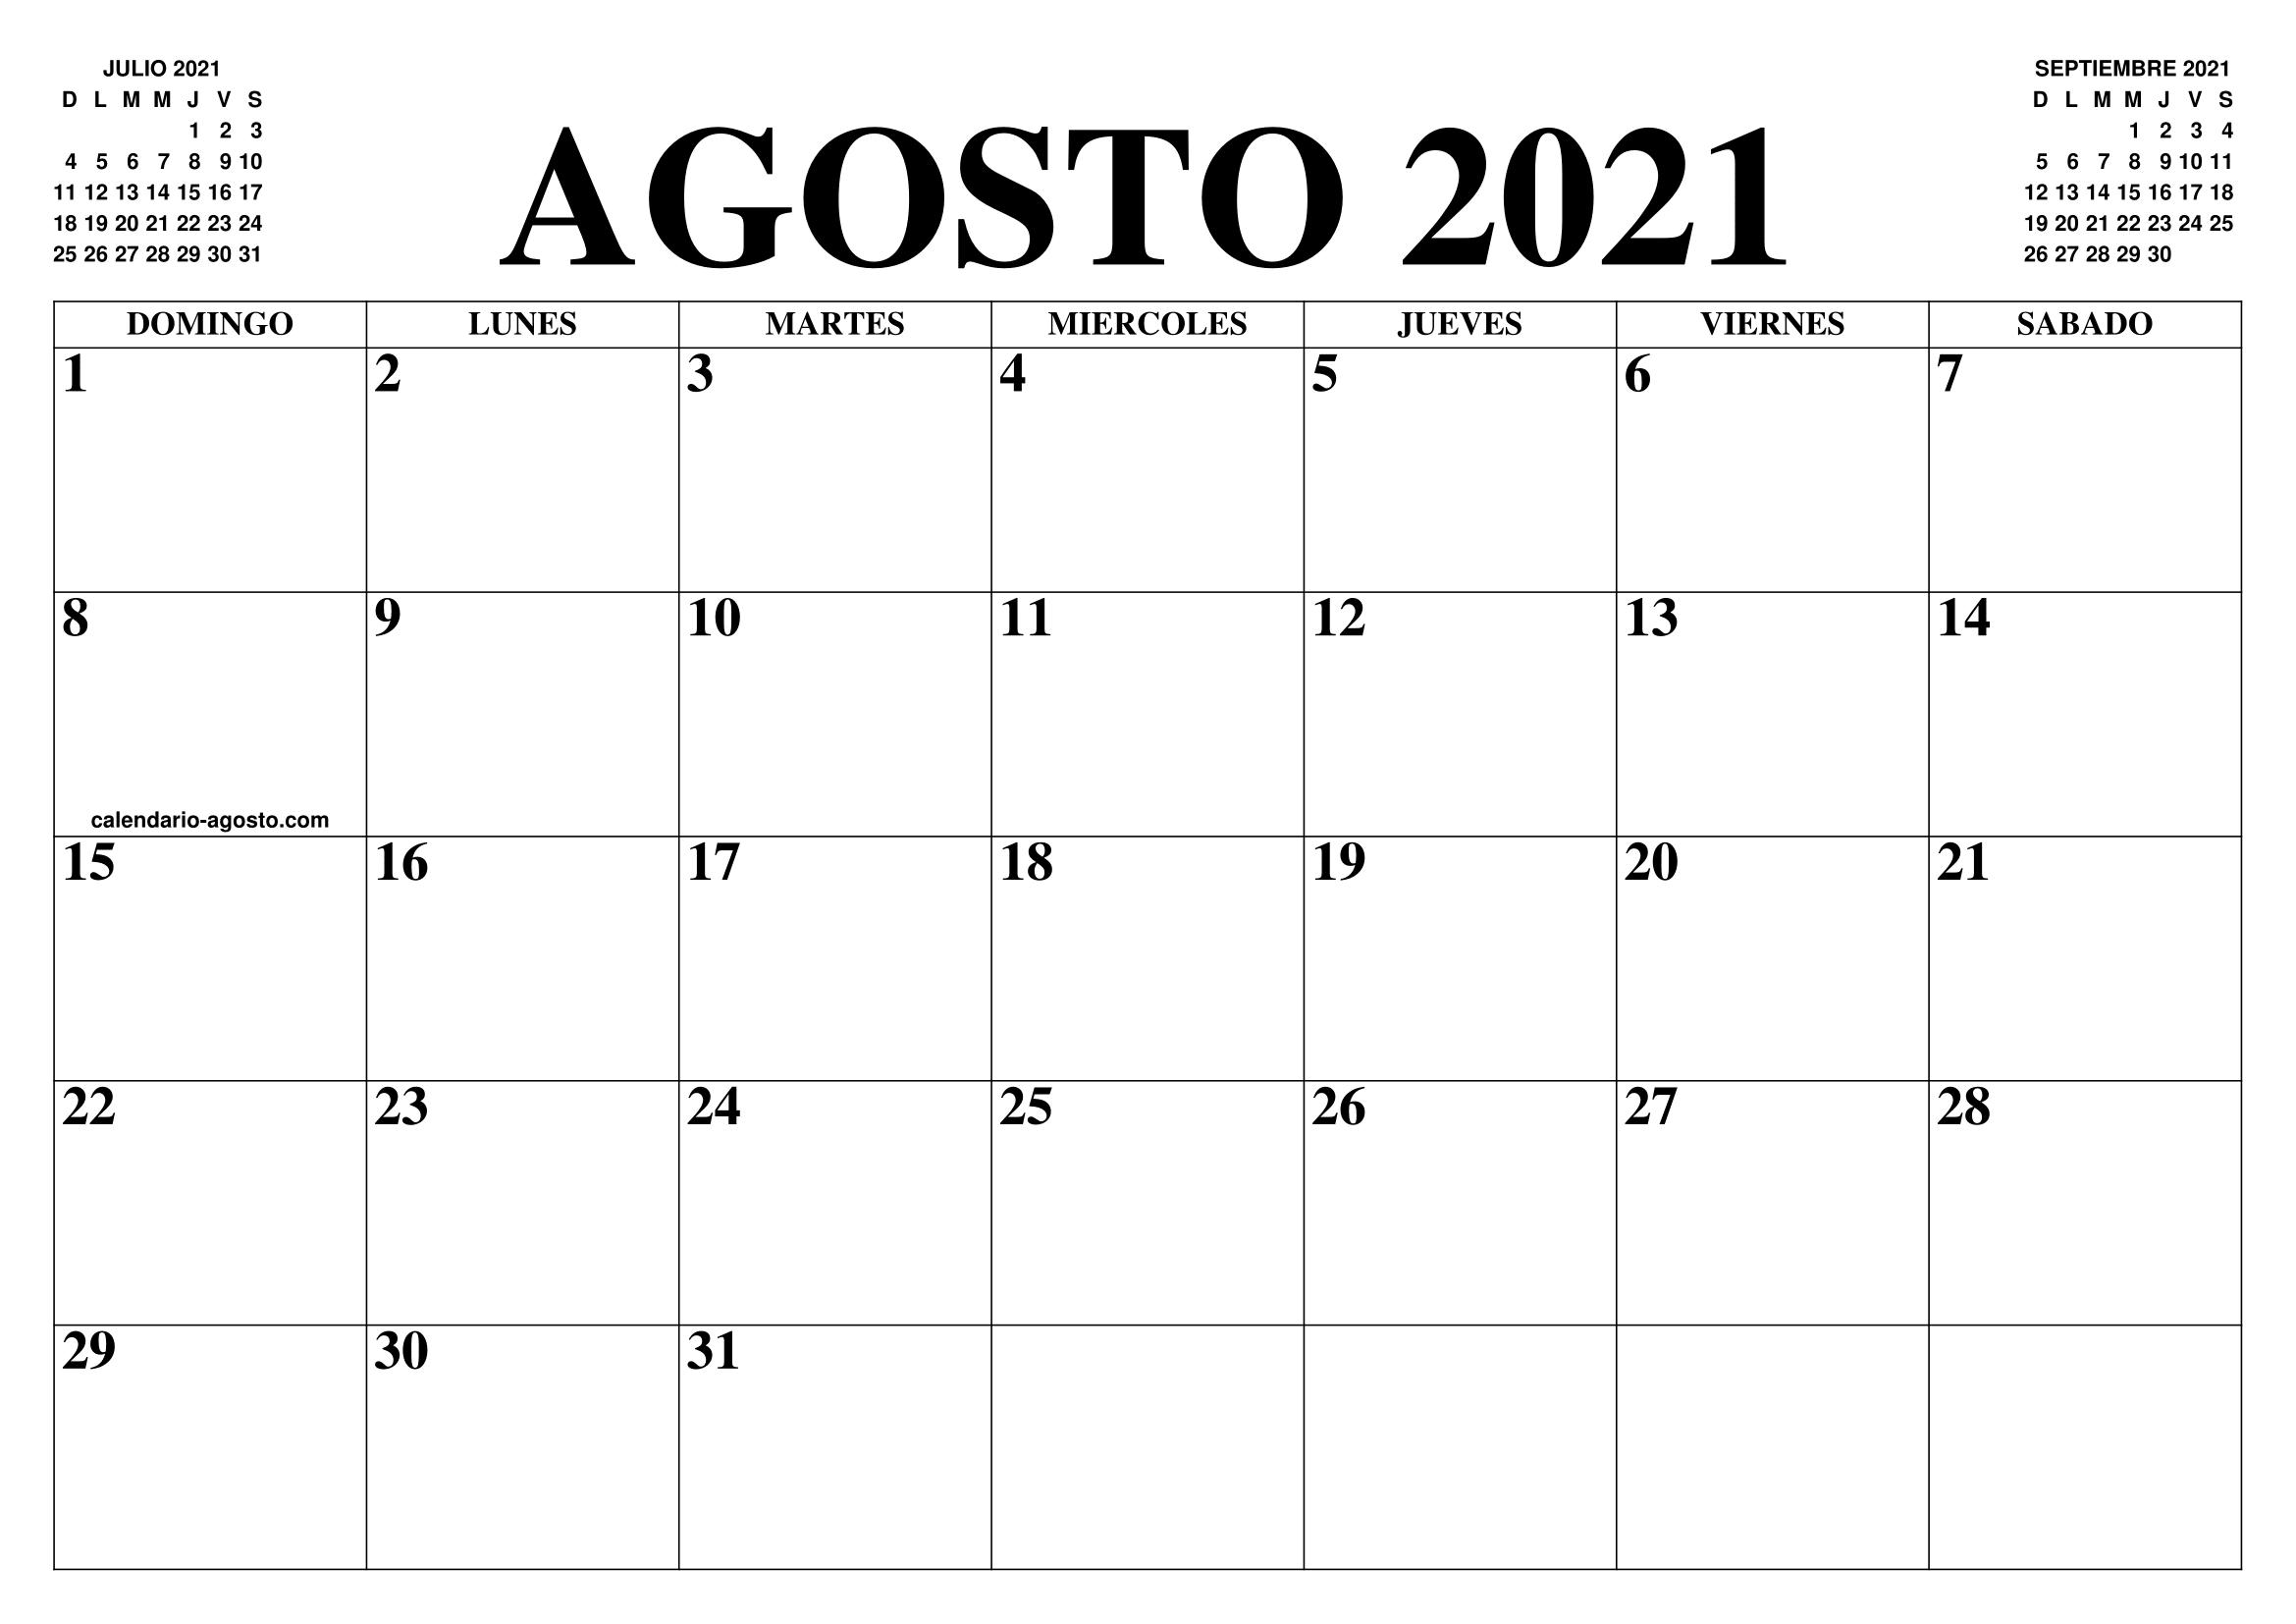 Calendario Agosro 2021 CALENDARIO AGOSTO 2021 : EL CALENDARIO AGOSTO 2021 PARA IMPRIMIR